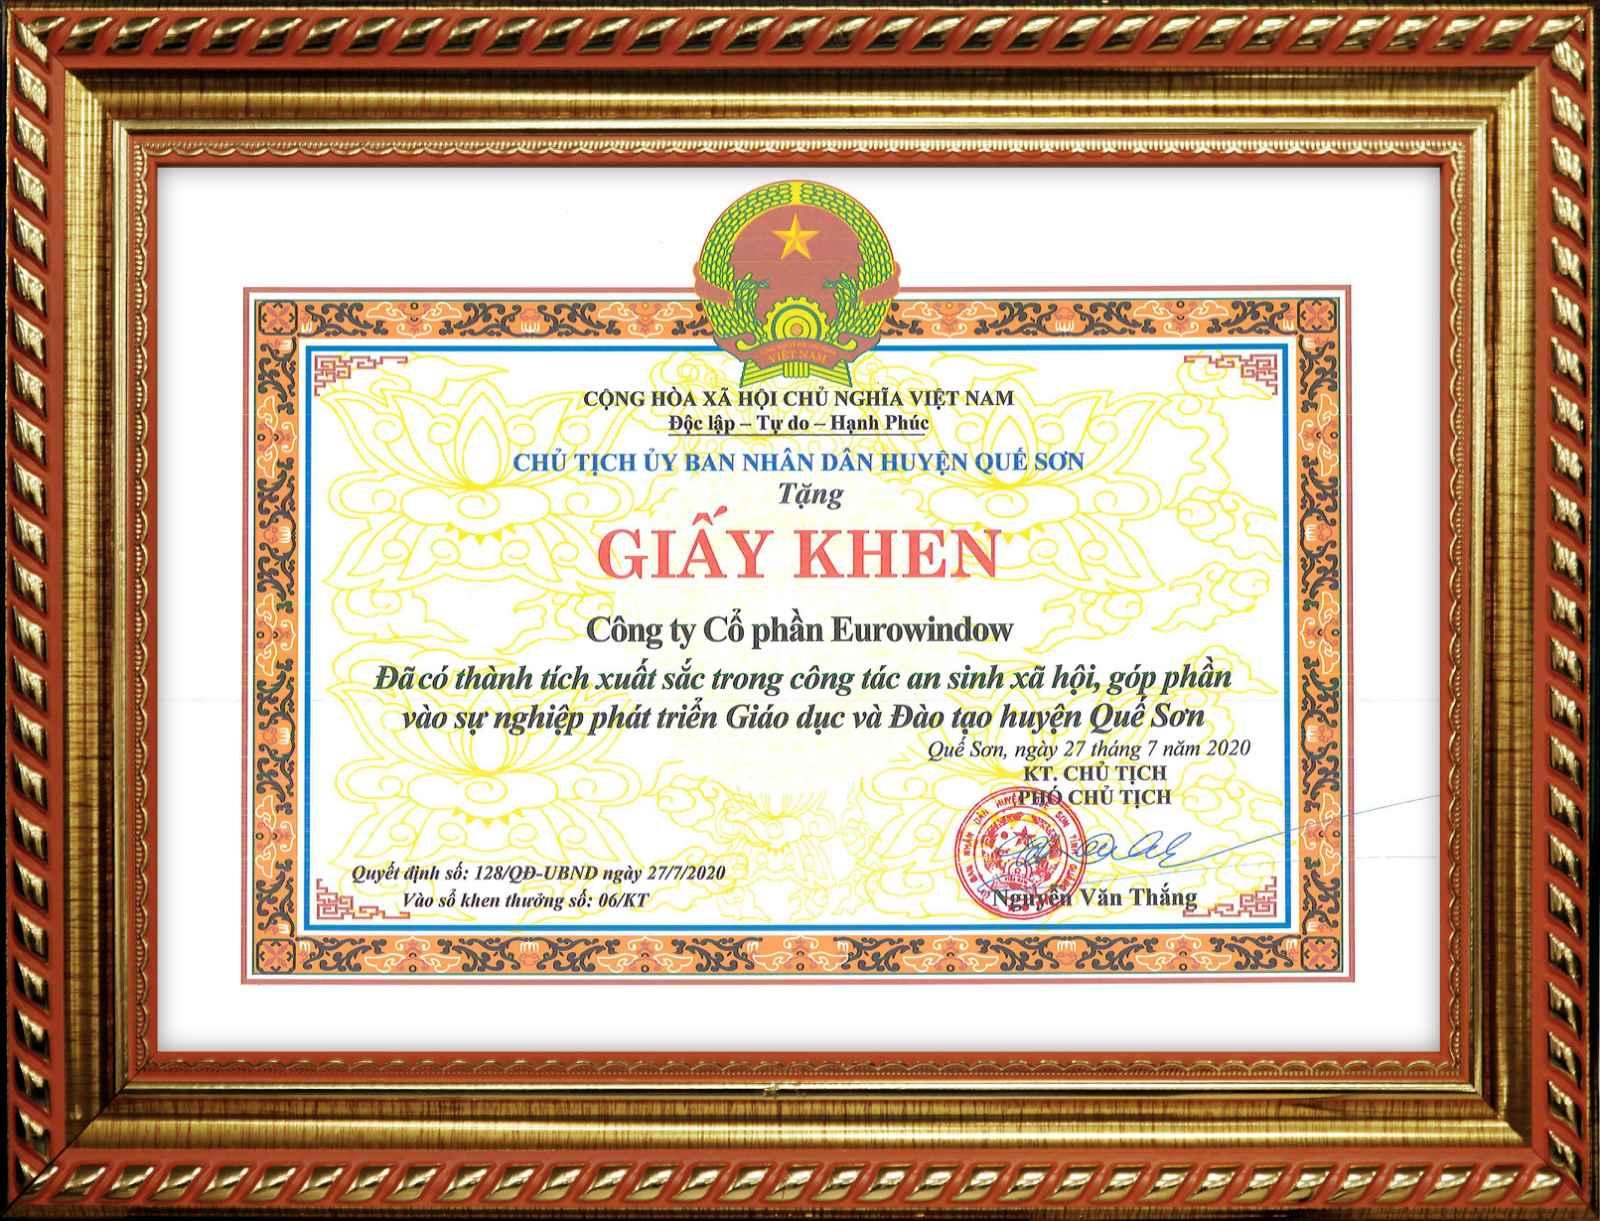 Chủ tịch UBND huyện Quế Sơn, tỉnh Quảng Nam trao tặng bằng khen cho Công ty CP Eurowindow